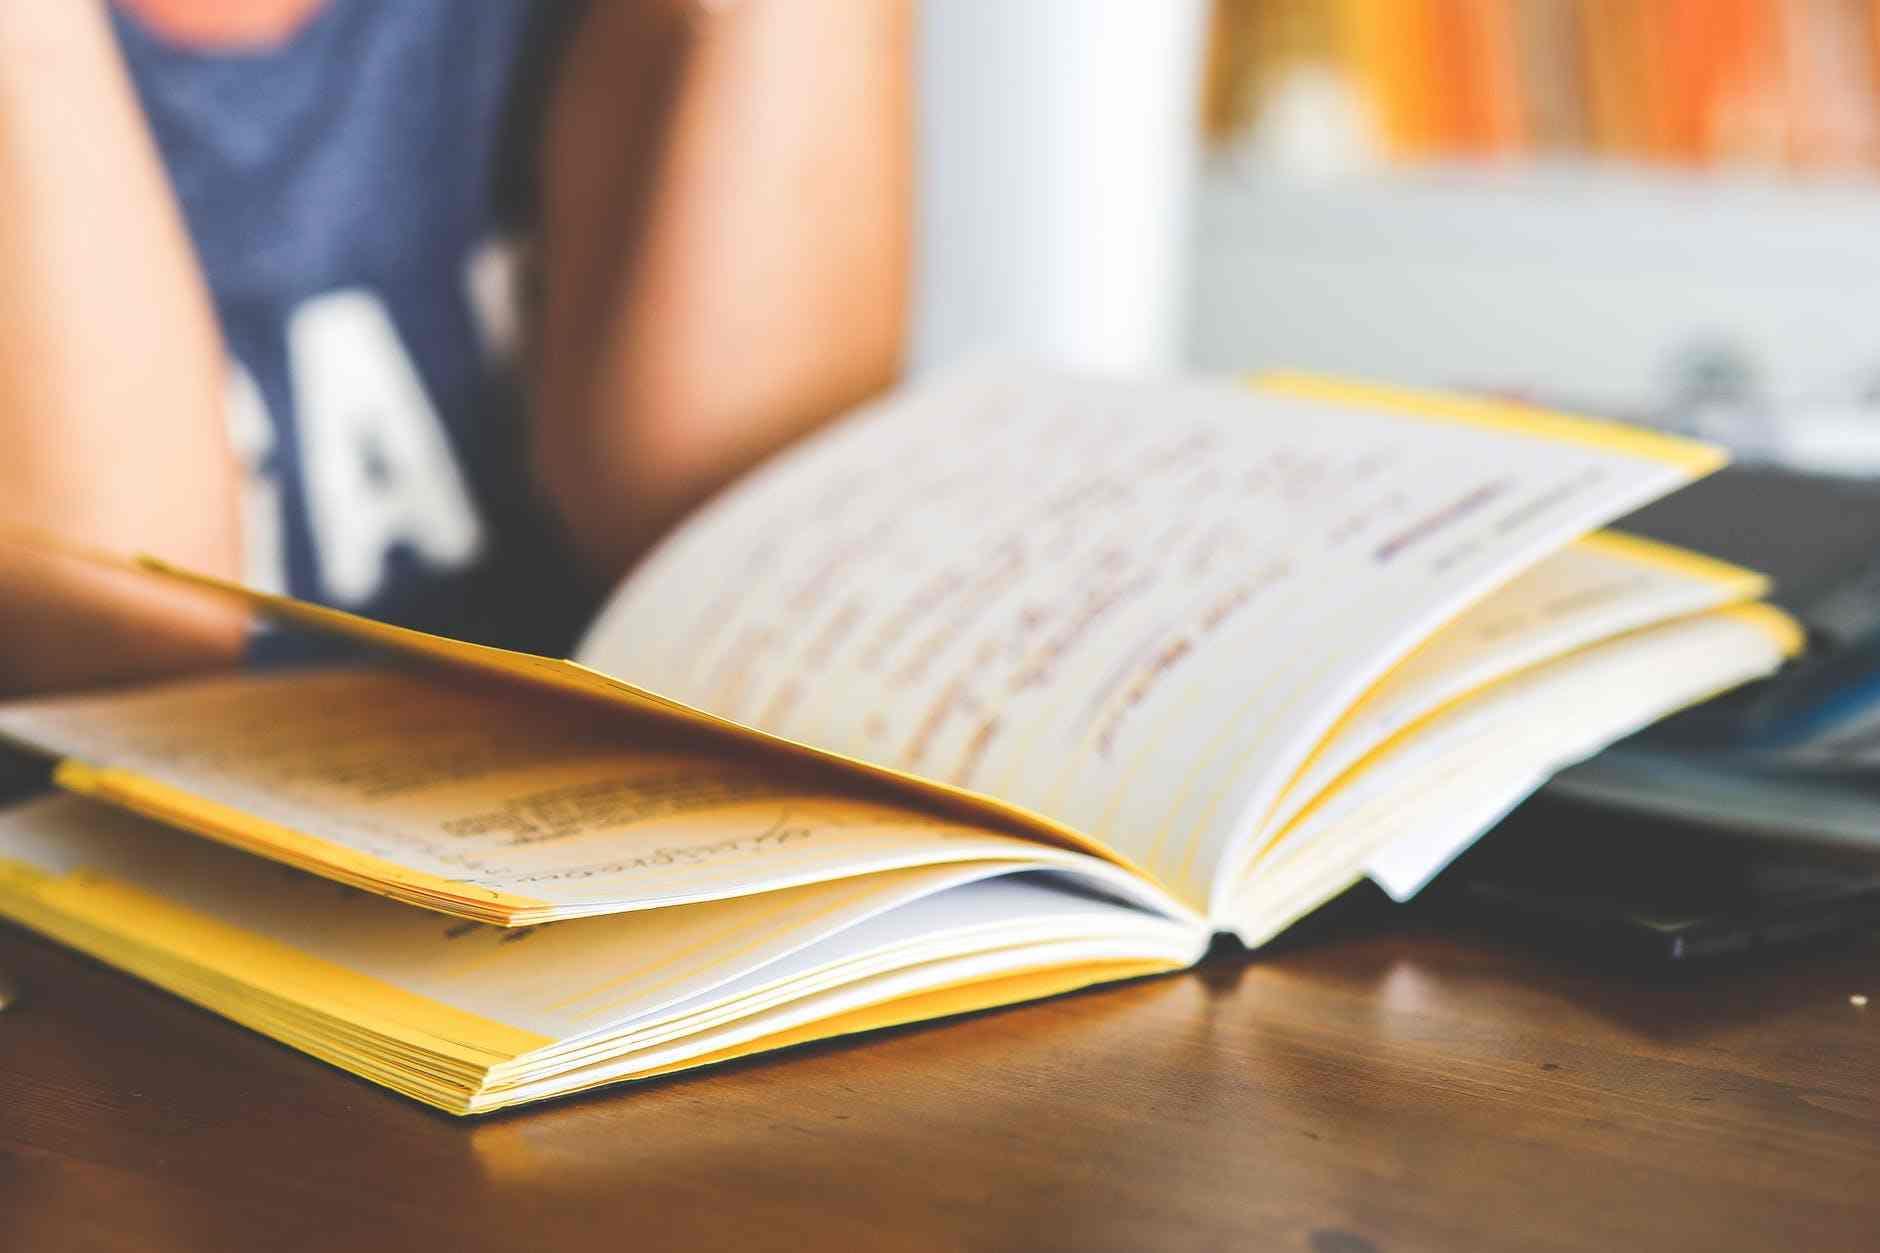 盘点2019上半年雅思阅读题型和考试趋势